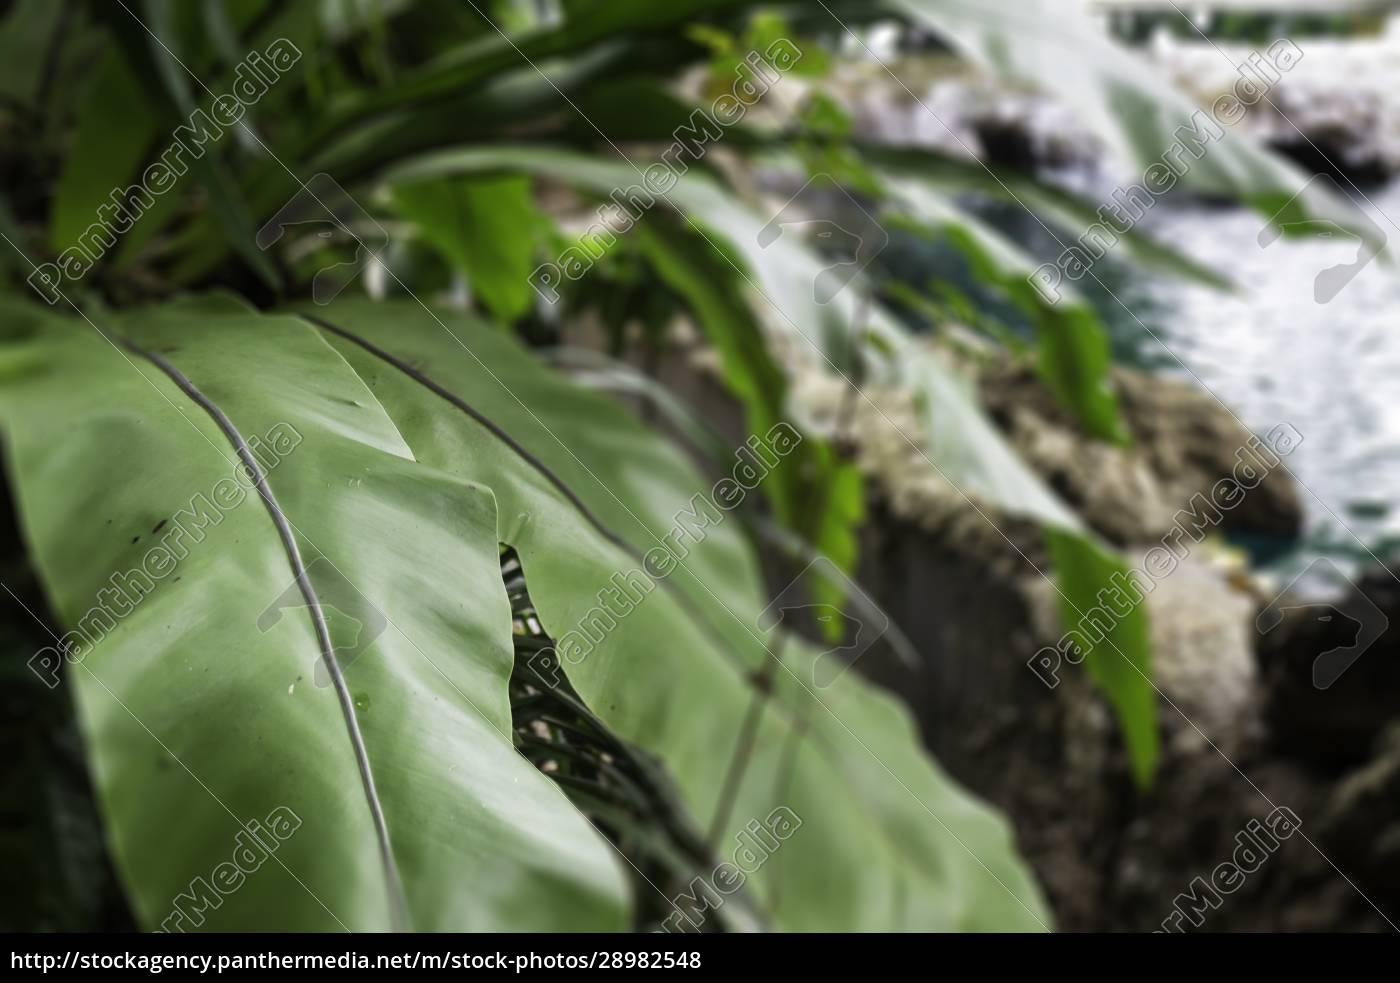 grüne, pflanzen, fühlen, sich, frisch, an - 28982548